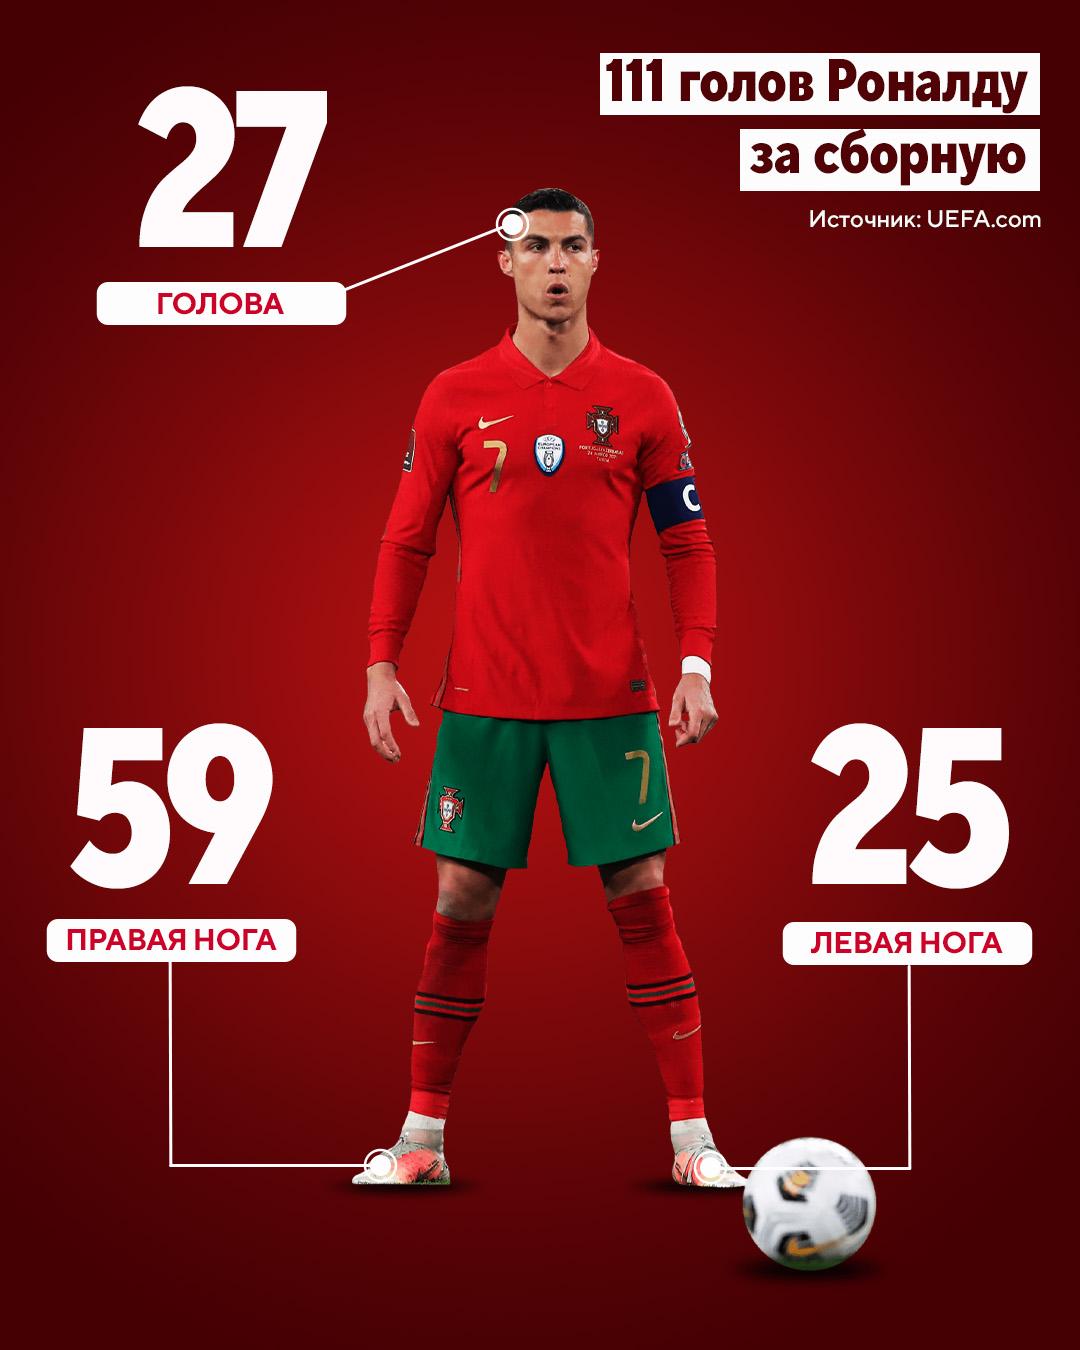 Рекорд Роналду в цифрах: забил 45 странам (России – 3, Англии – 0), чаще всего – в квалификациях к ЧМ, с пенальти – всего 12%